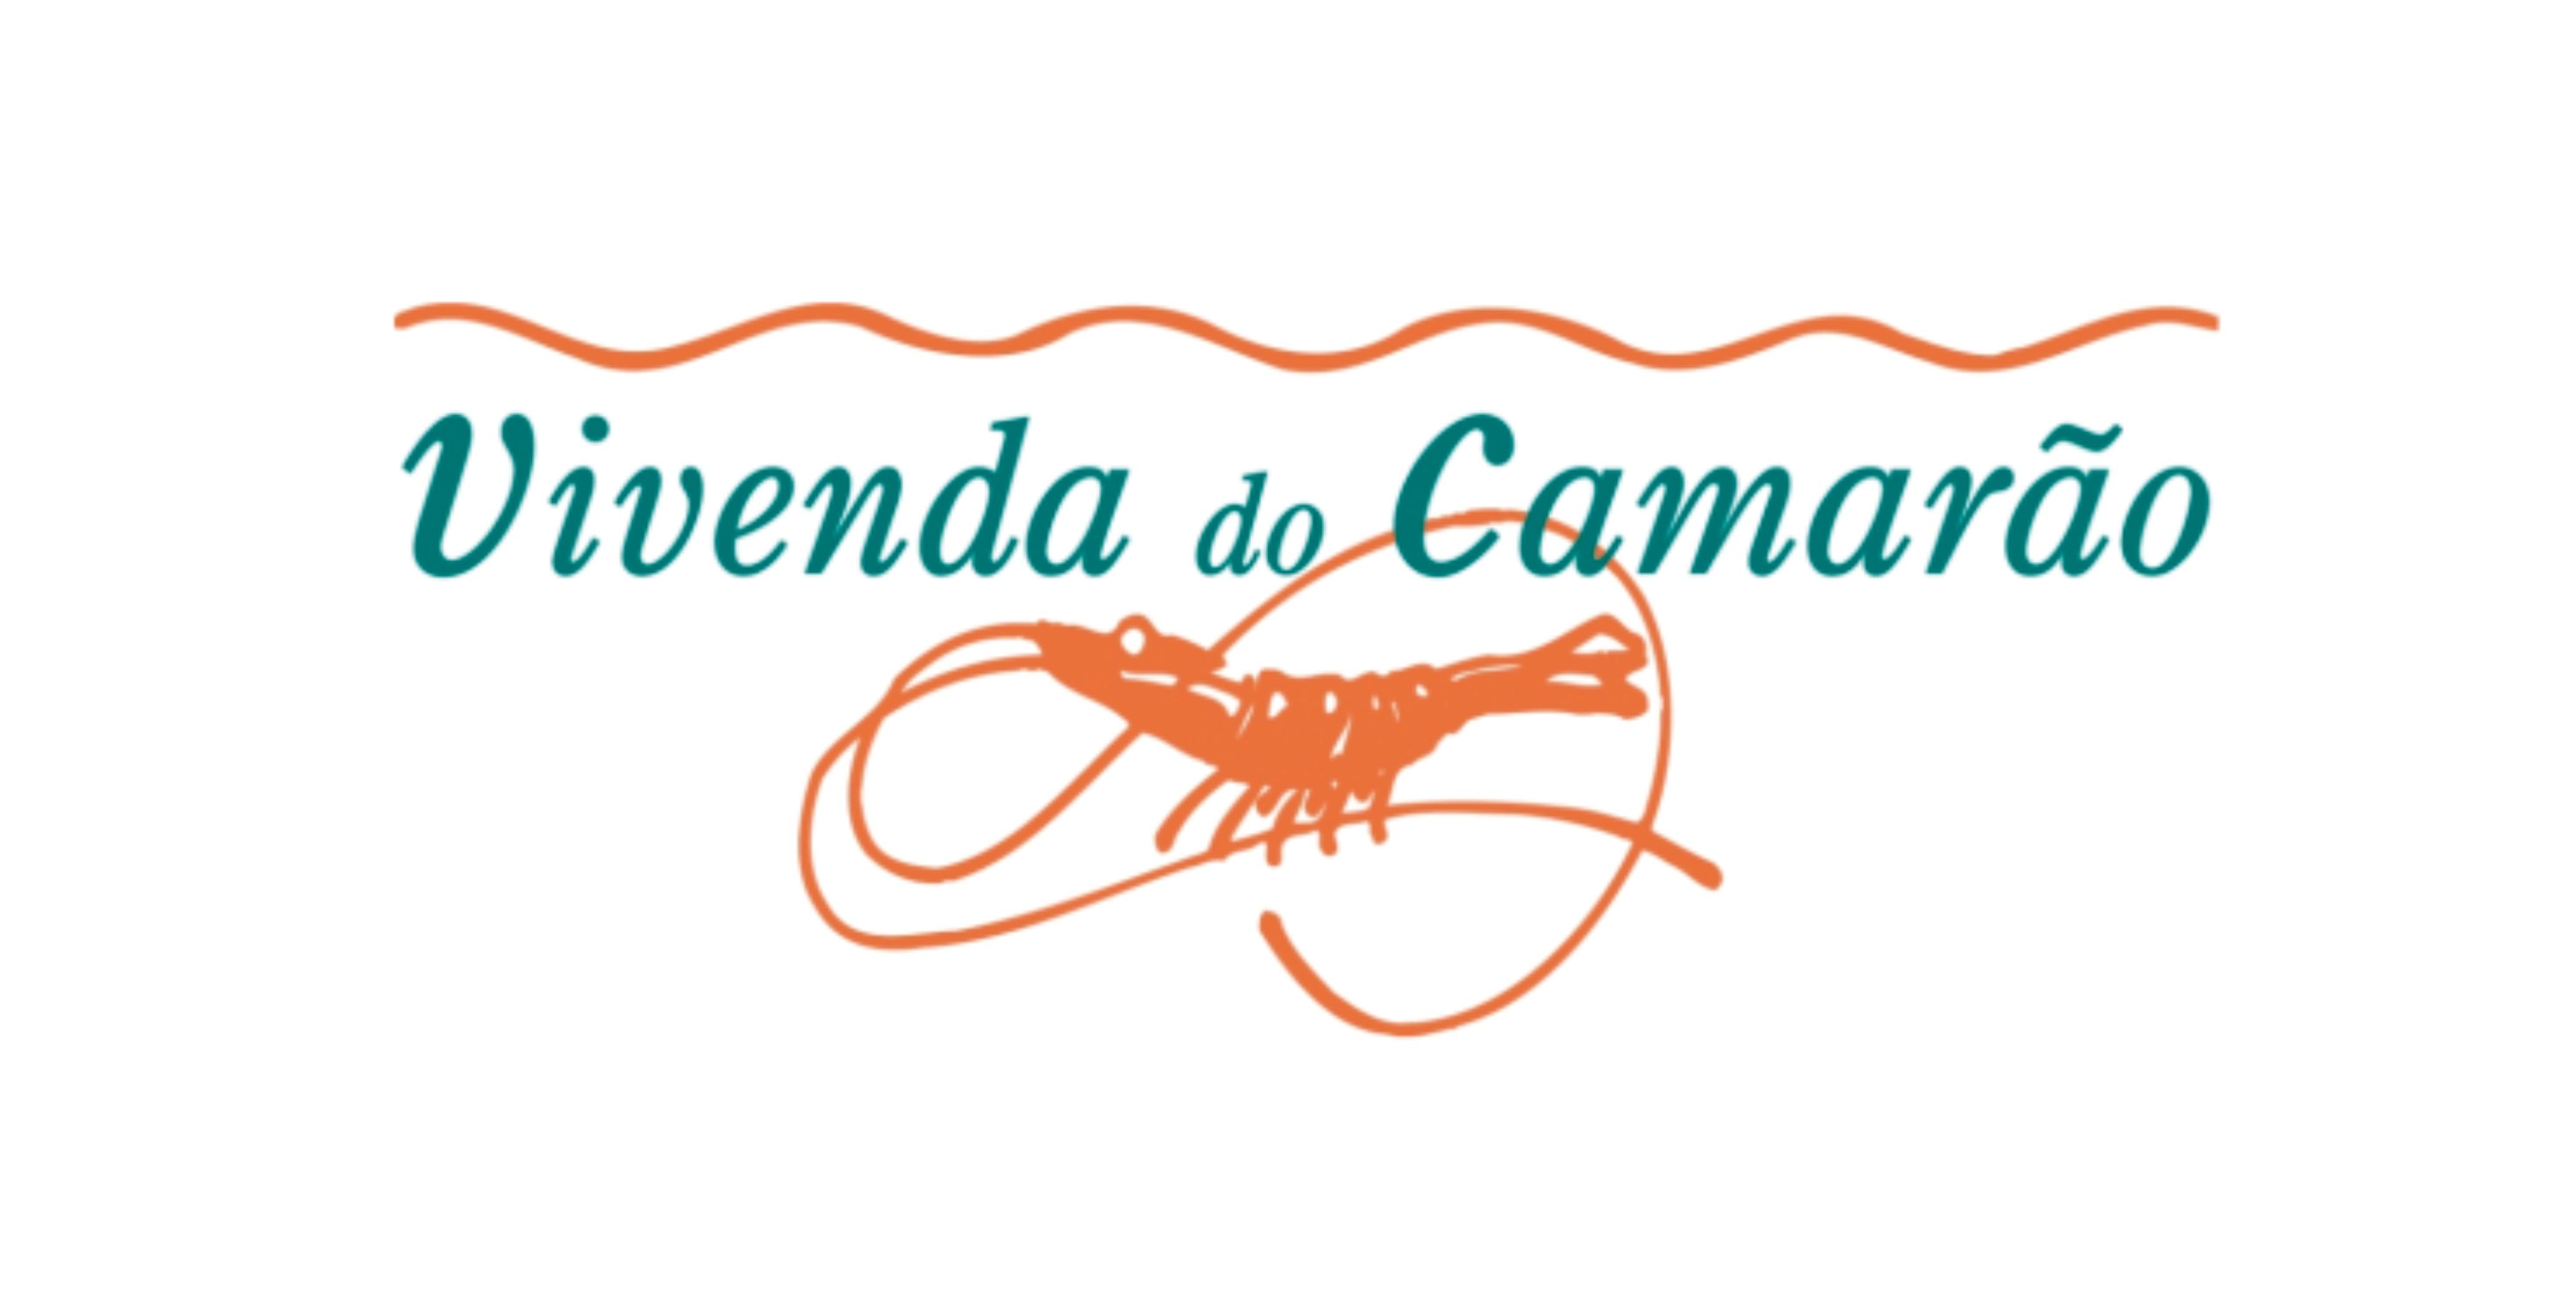 Vivenda_Camarão